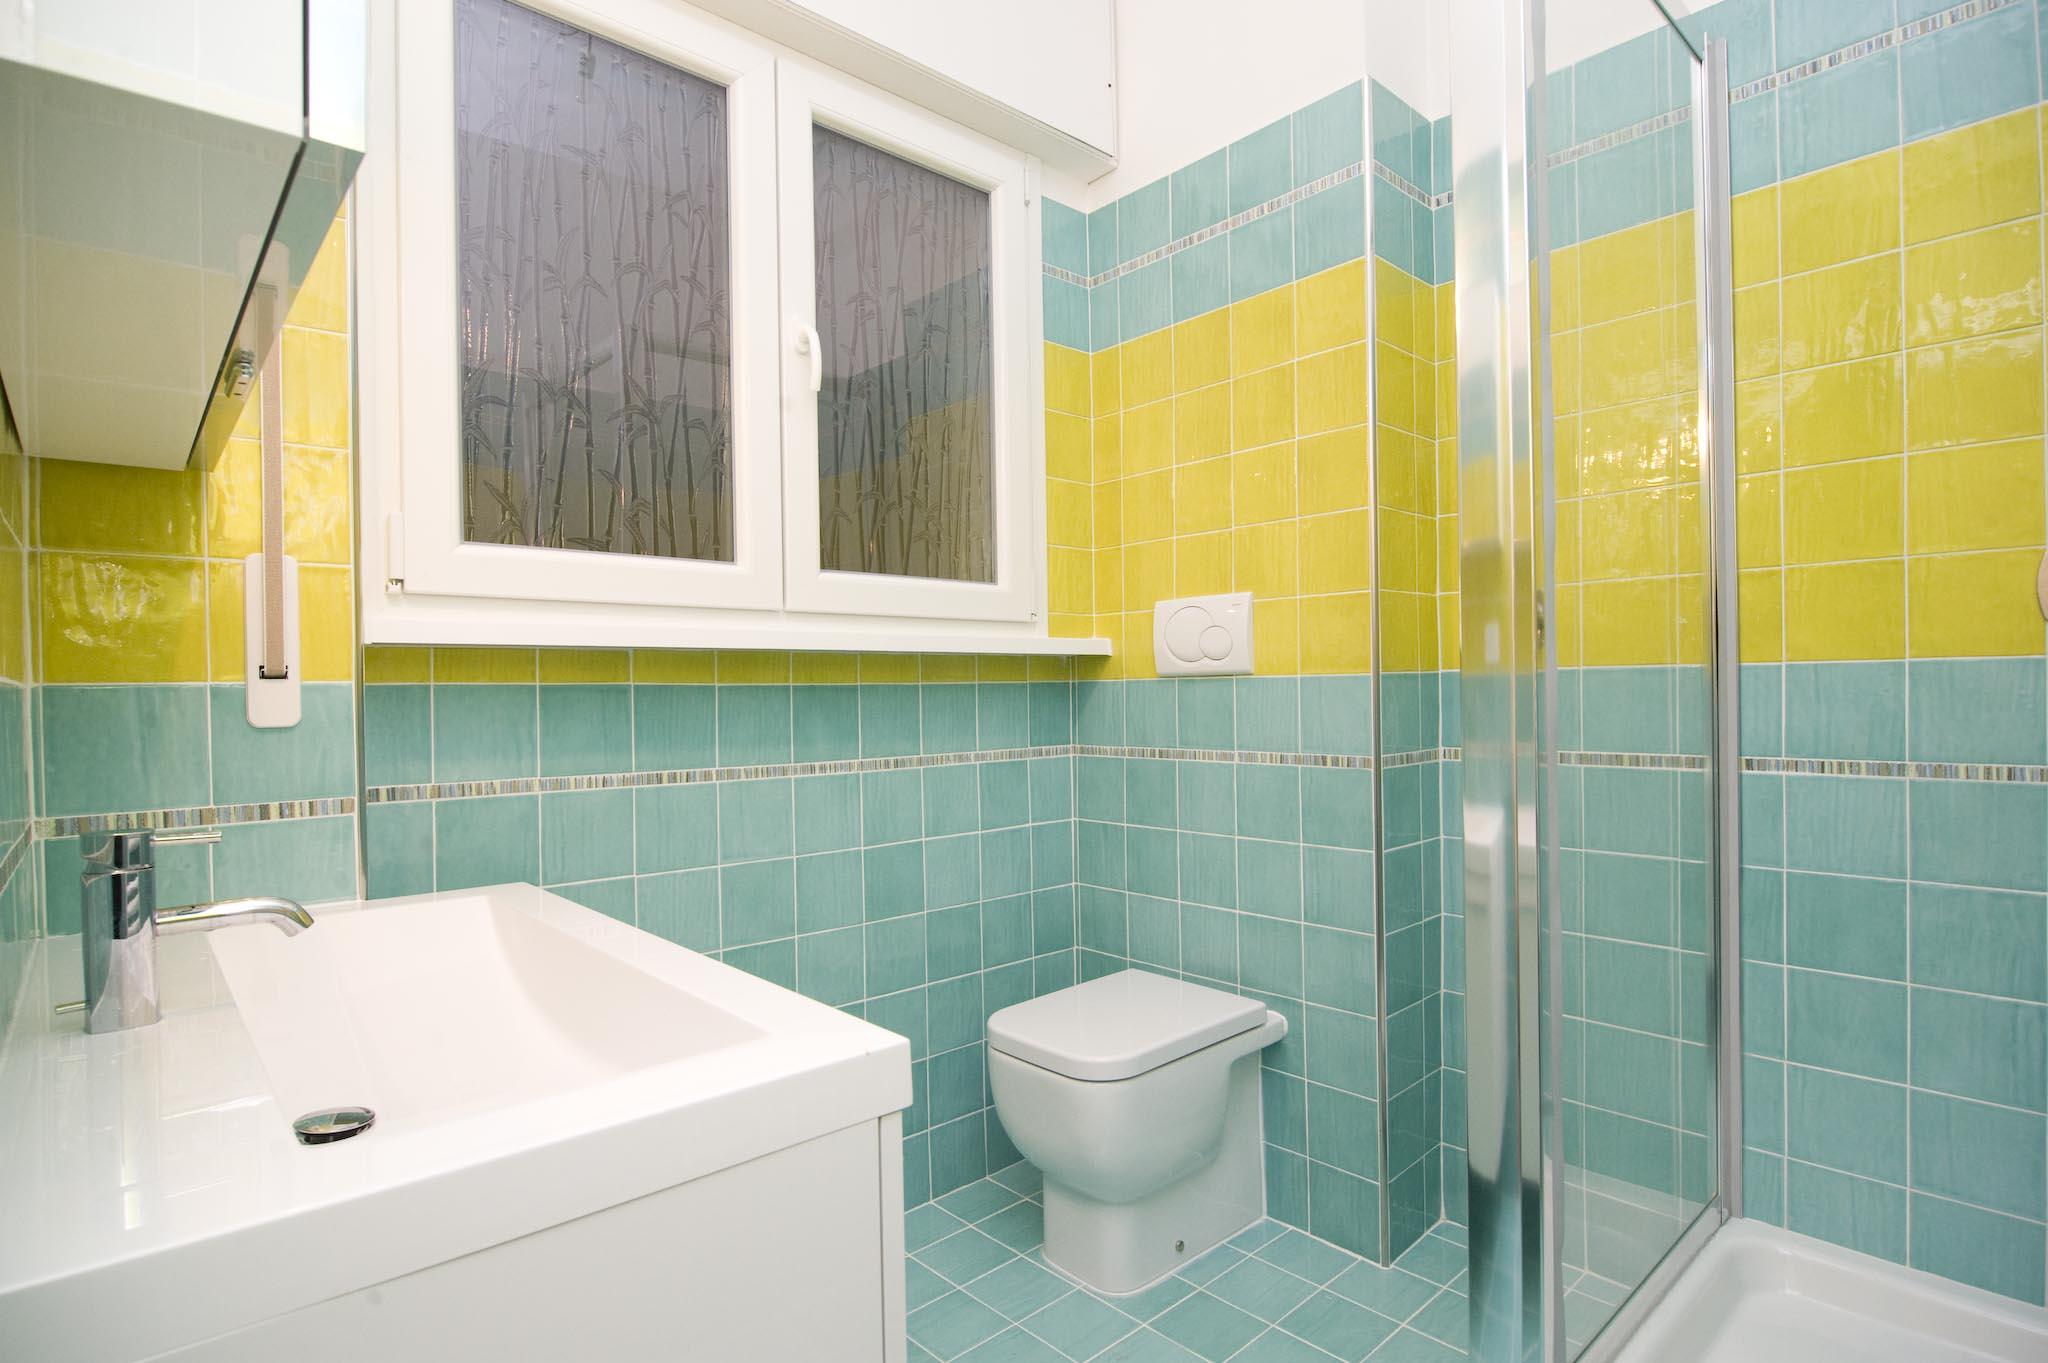 Quanto costa rifare un bagno completo manodopera e materiali